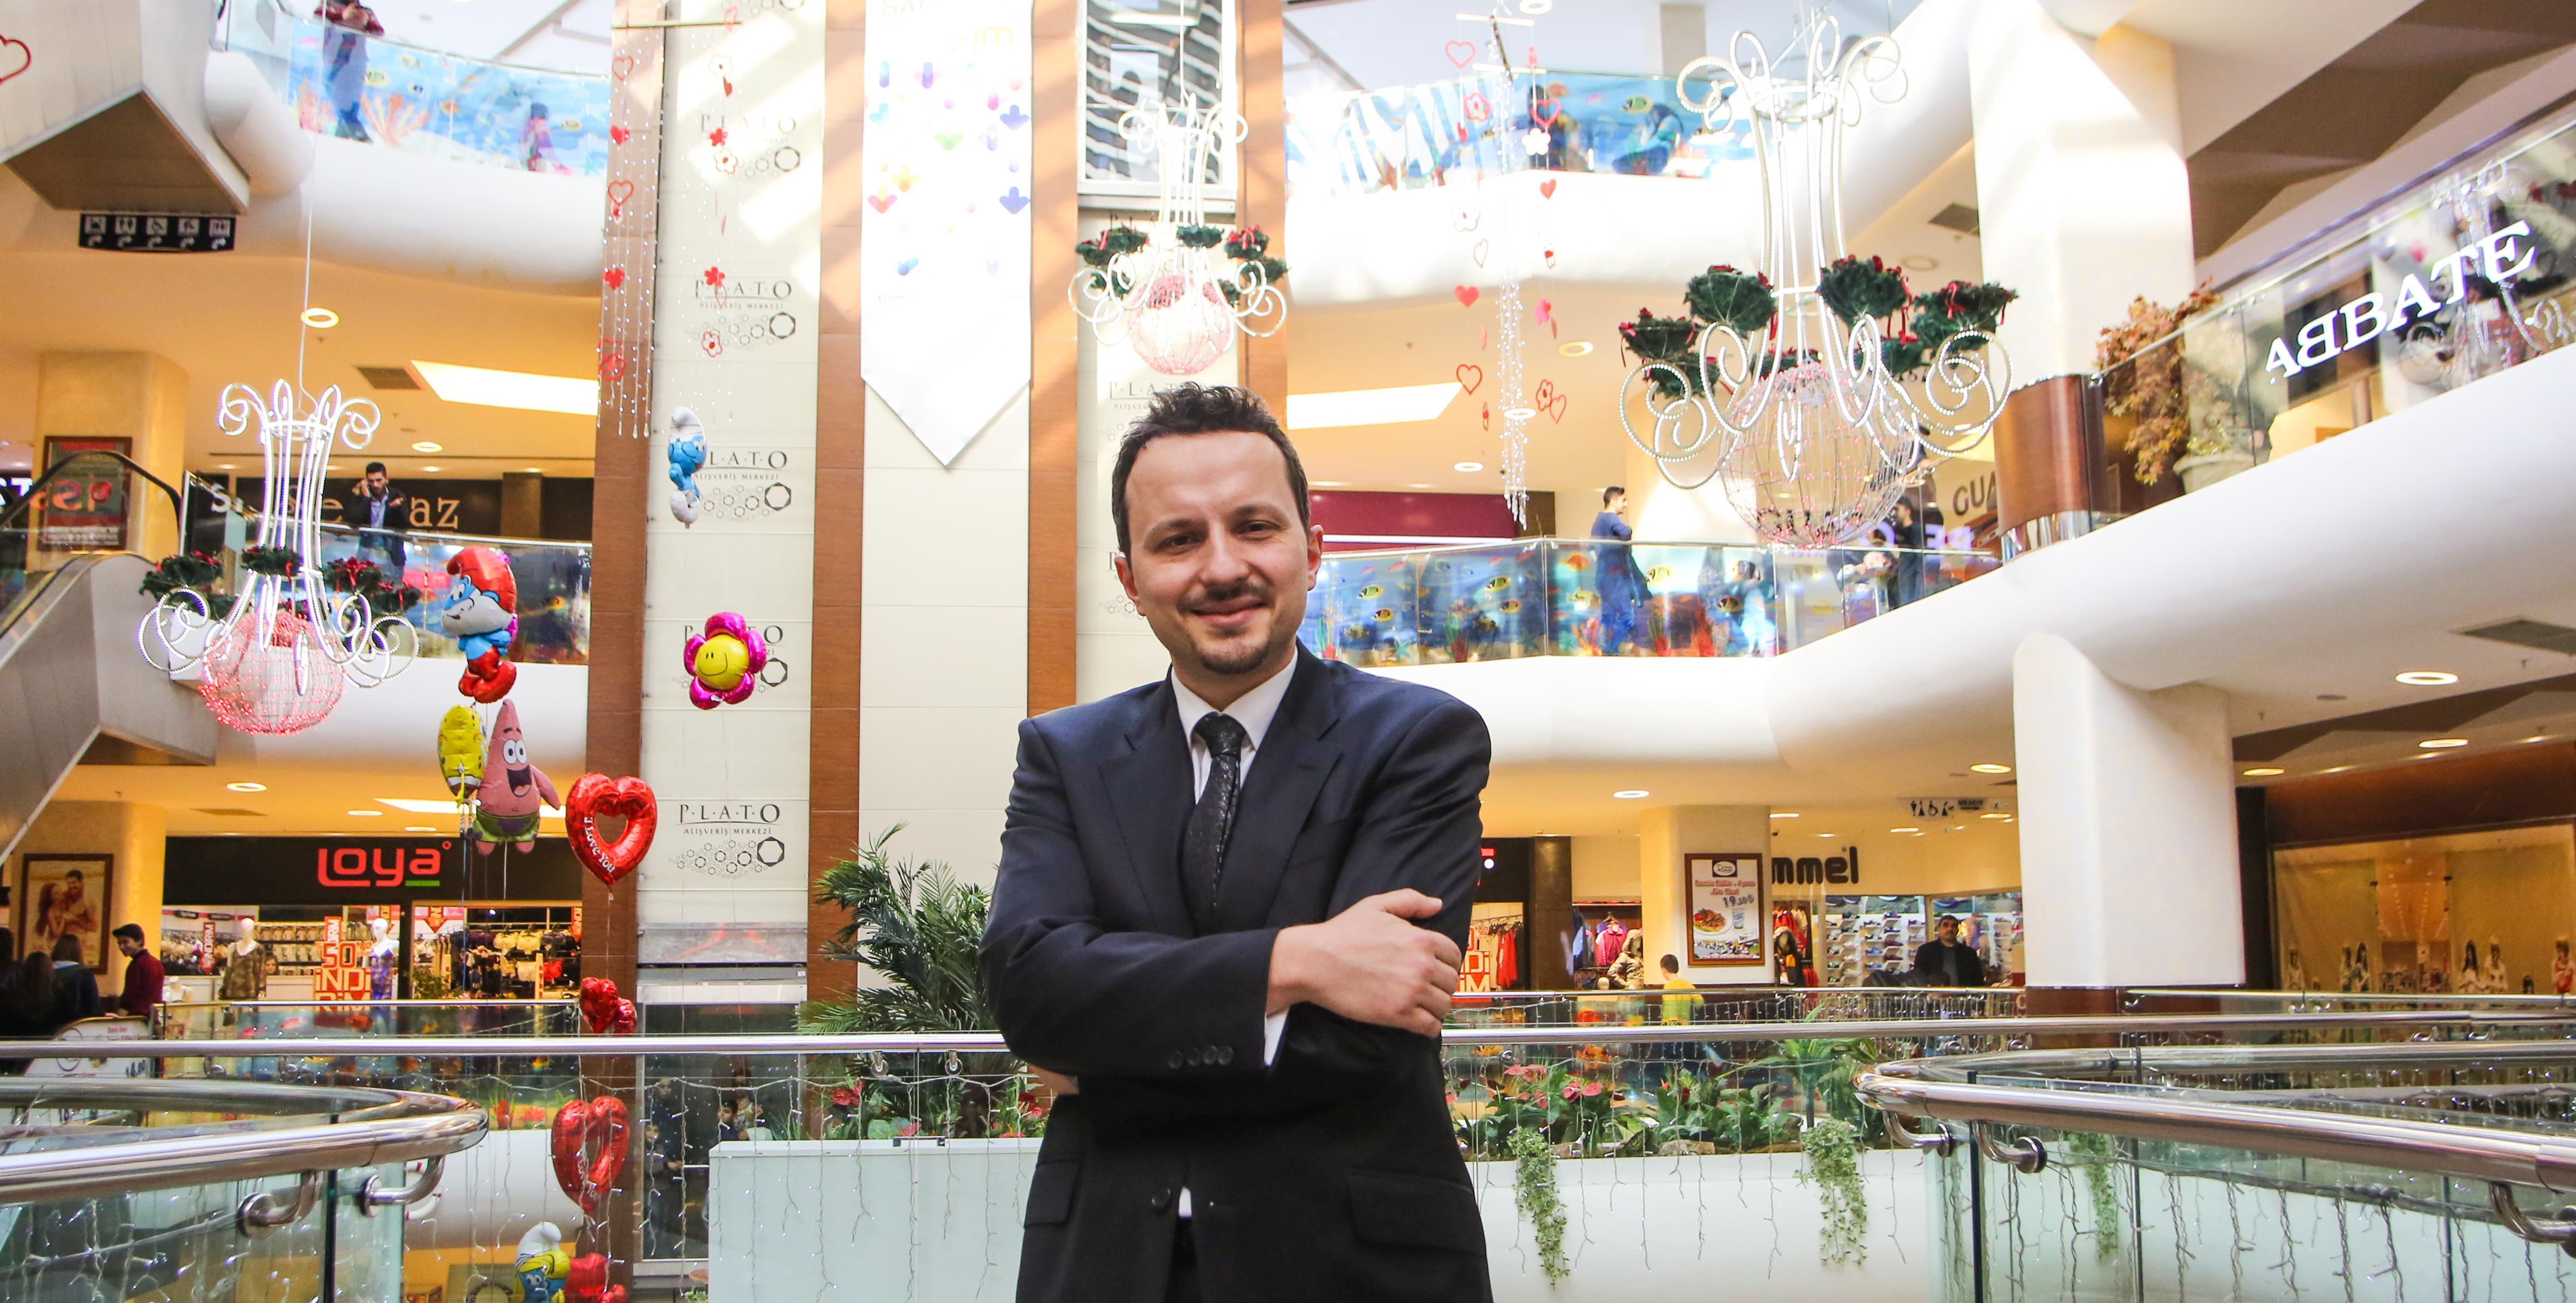 """Salih Tolan: """"Alışveriş merkezleri teknolojinin kalbinin attığı daha modern ve kurumsal yapılar haline gelecektir"""""""